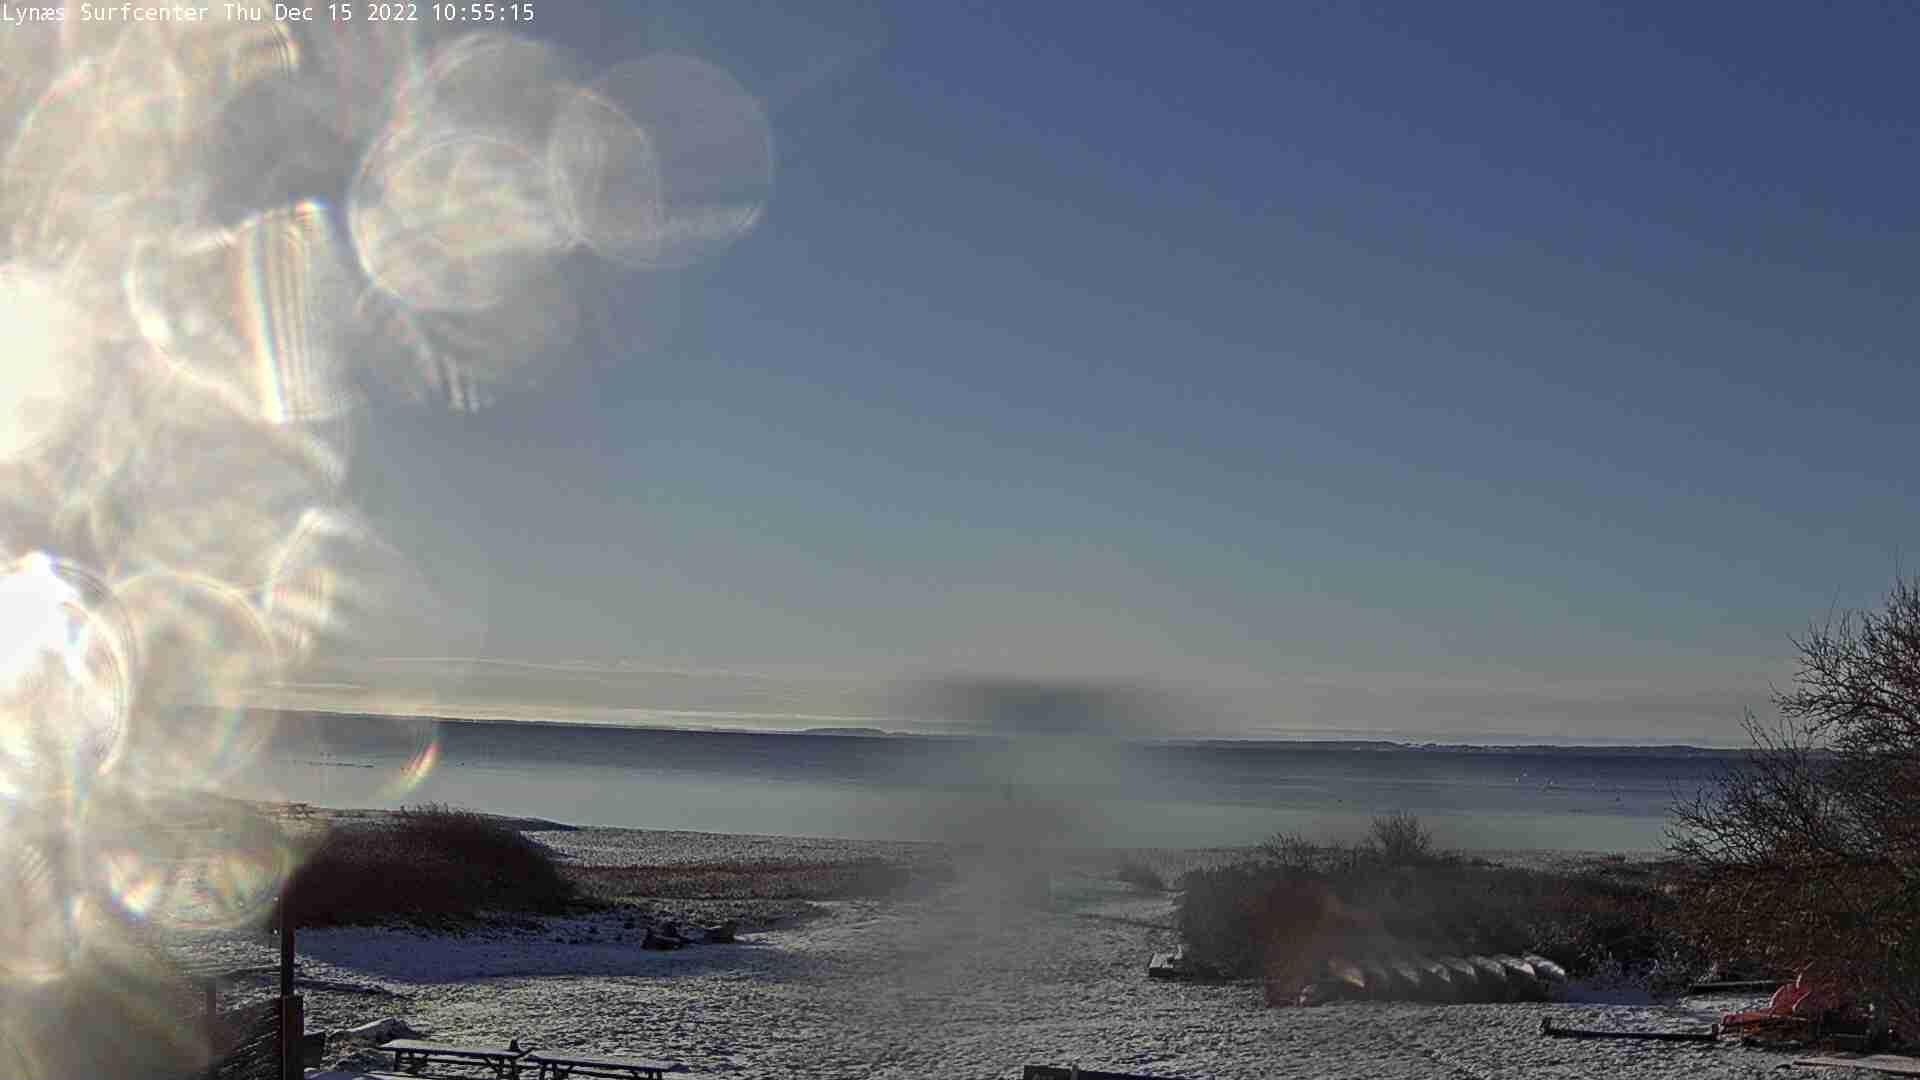 Webcam Lynæs, Halsnæs, Hovedstaden, Dänemark